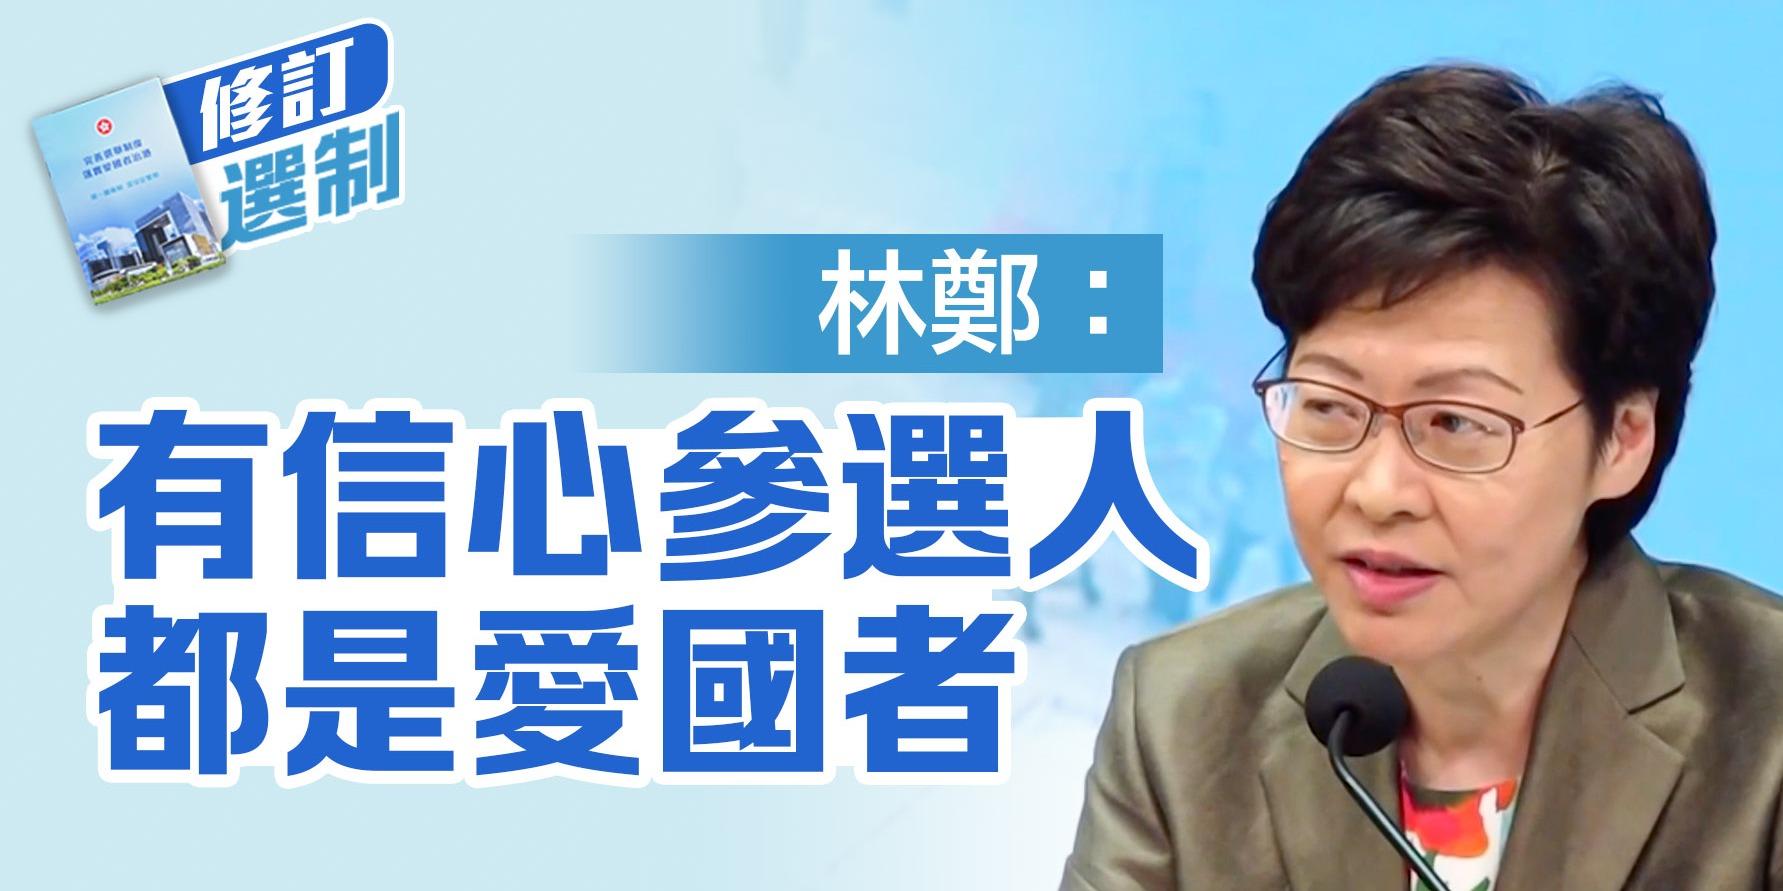 林鄭回應點新聞記者:有信心參選人都是愛國者